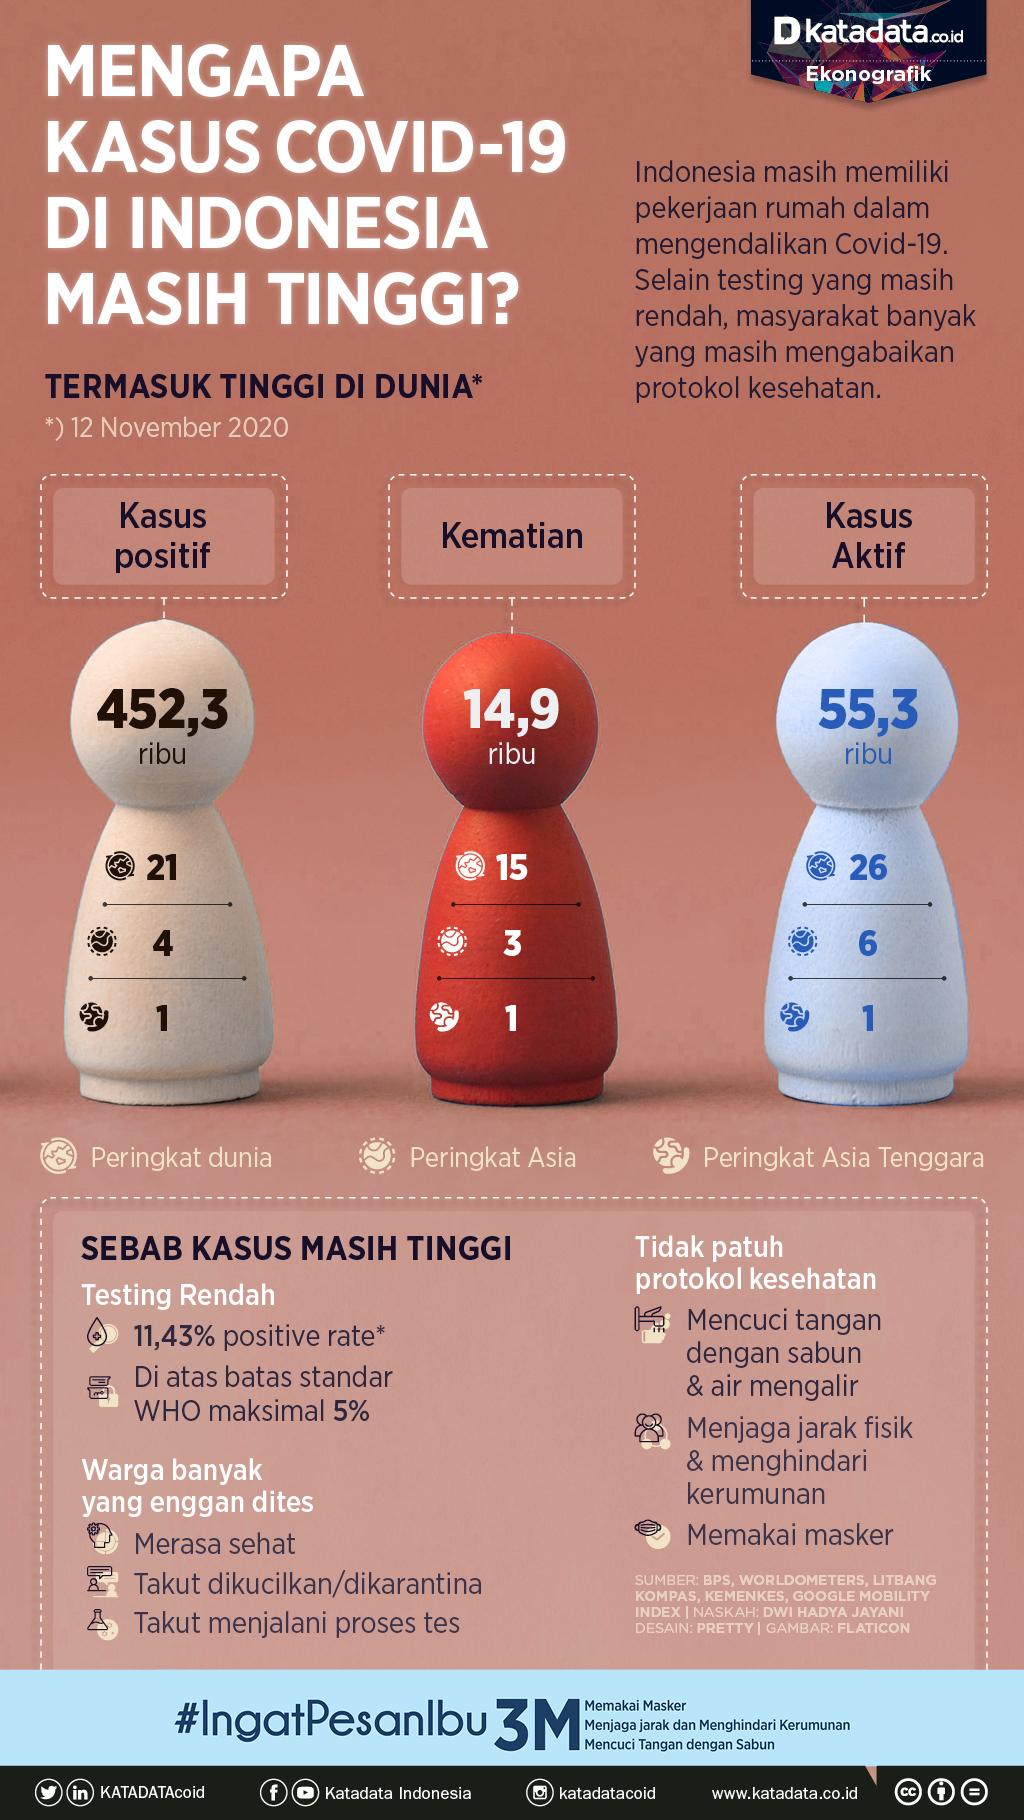 Infografik_Mengapa kasus covid di Indonesia masih tinggi